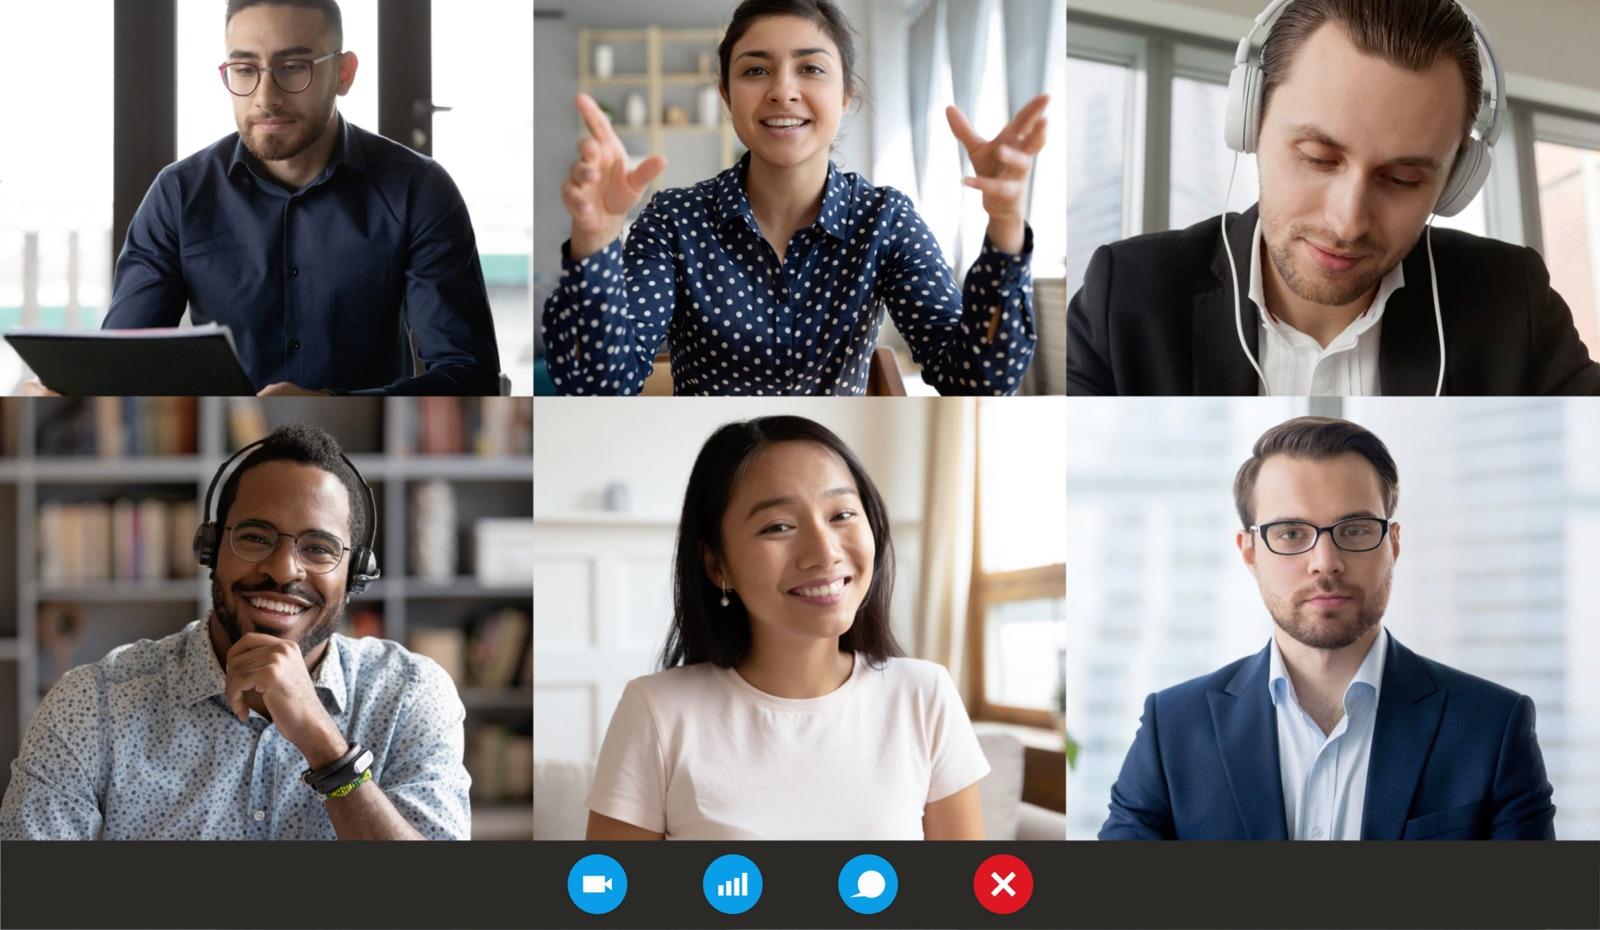 Reuniones virtuales: 12 consejos efectivos para gestionarlas